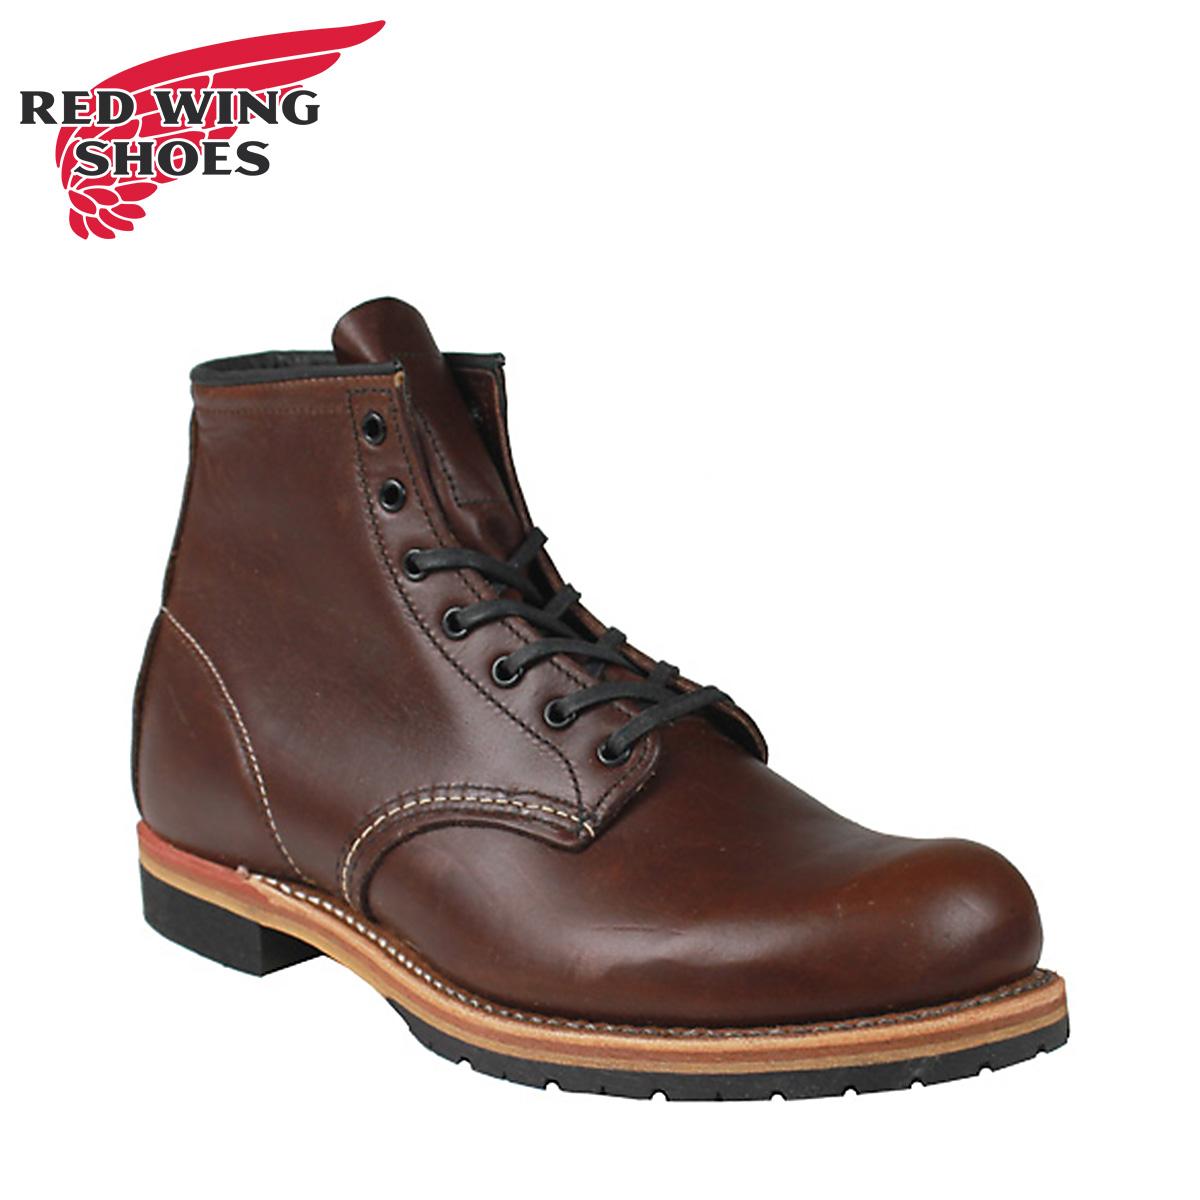 RED WING レッド 赤ウィング ベックマン ブーツ BECKMAN ROUND ラウンド トゥ Dワイズ 9016 レッド 赤ウイング ワークブーツ メンズ